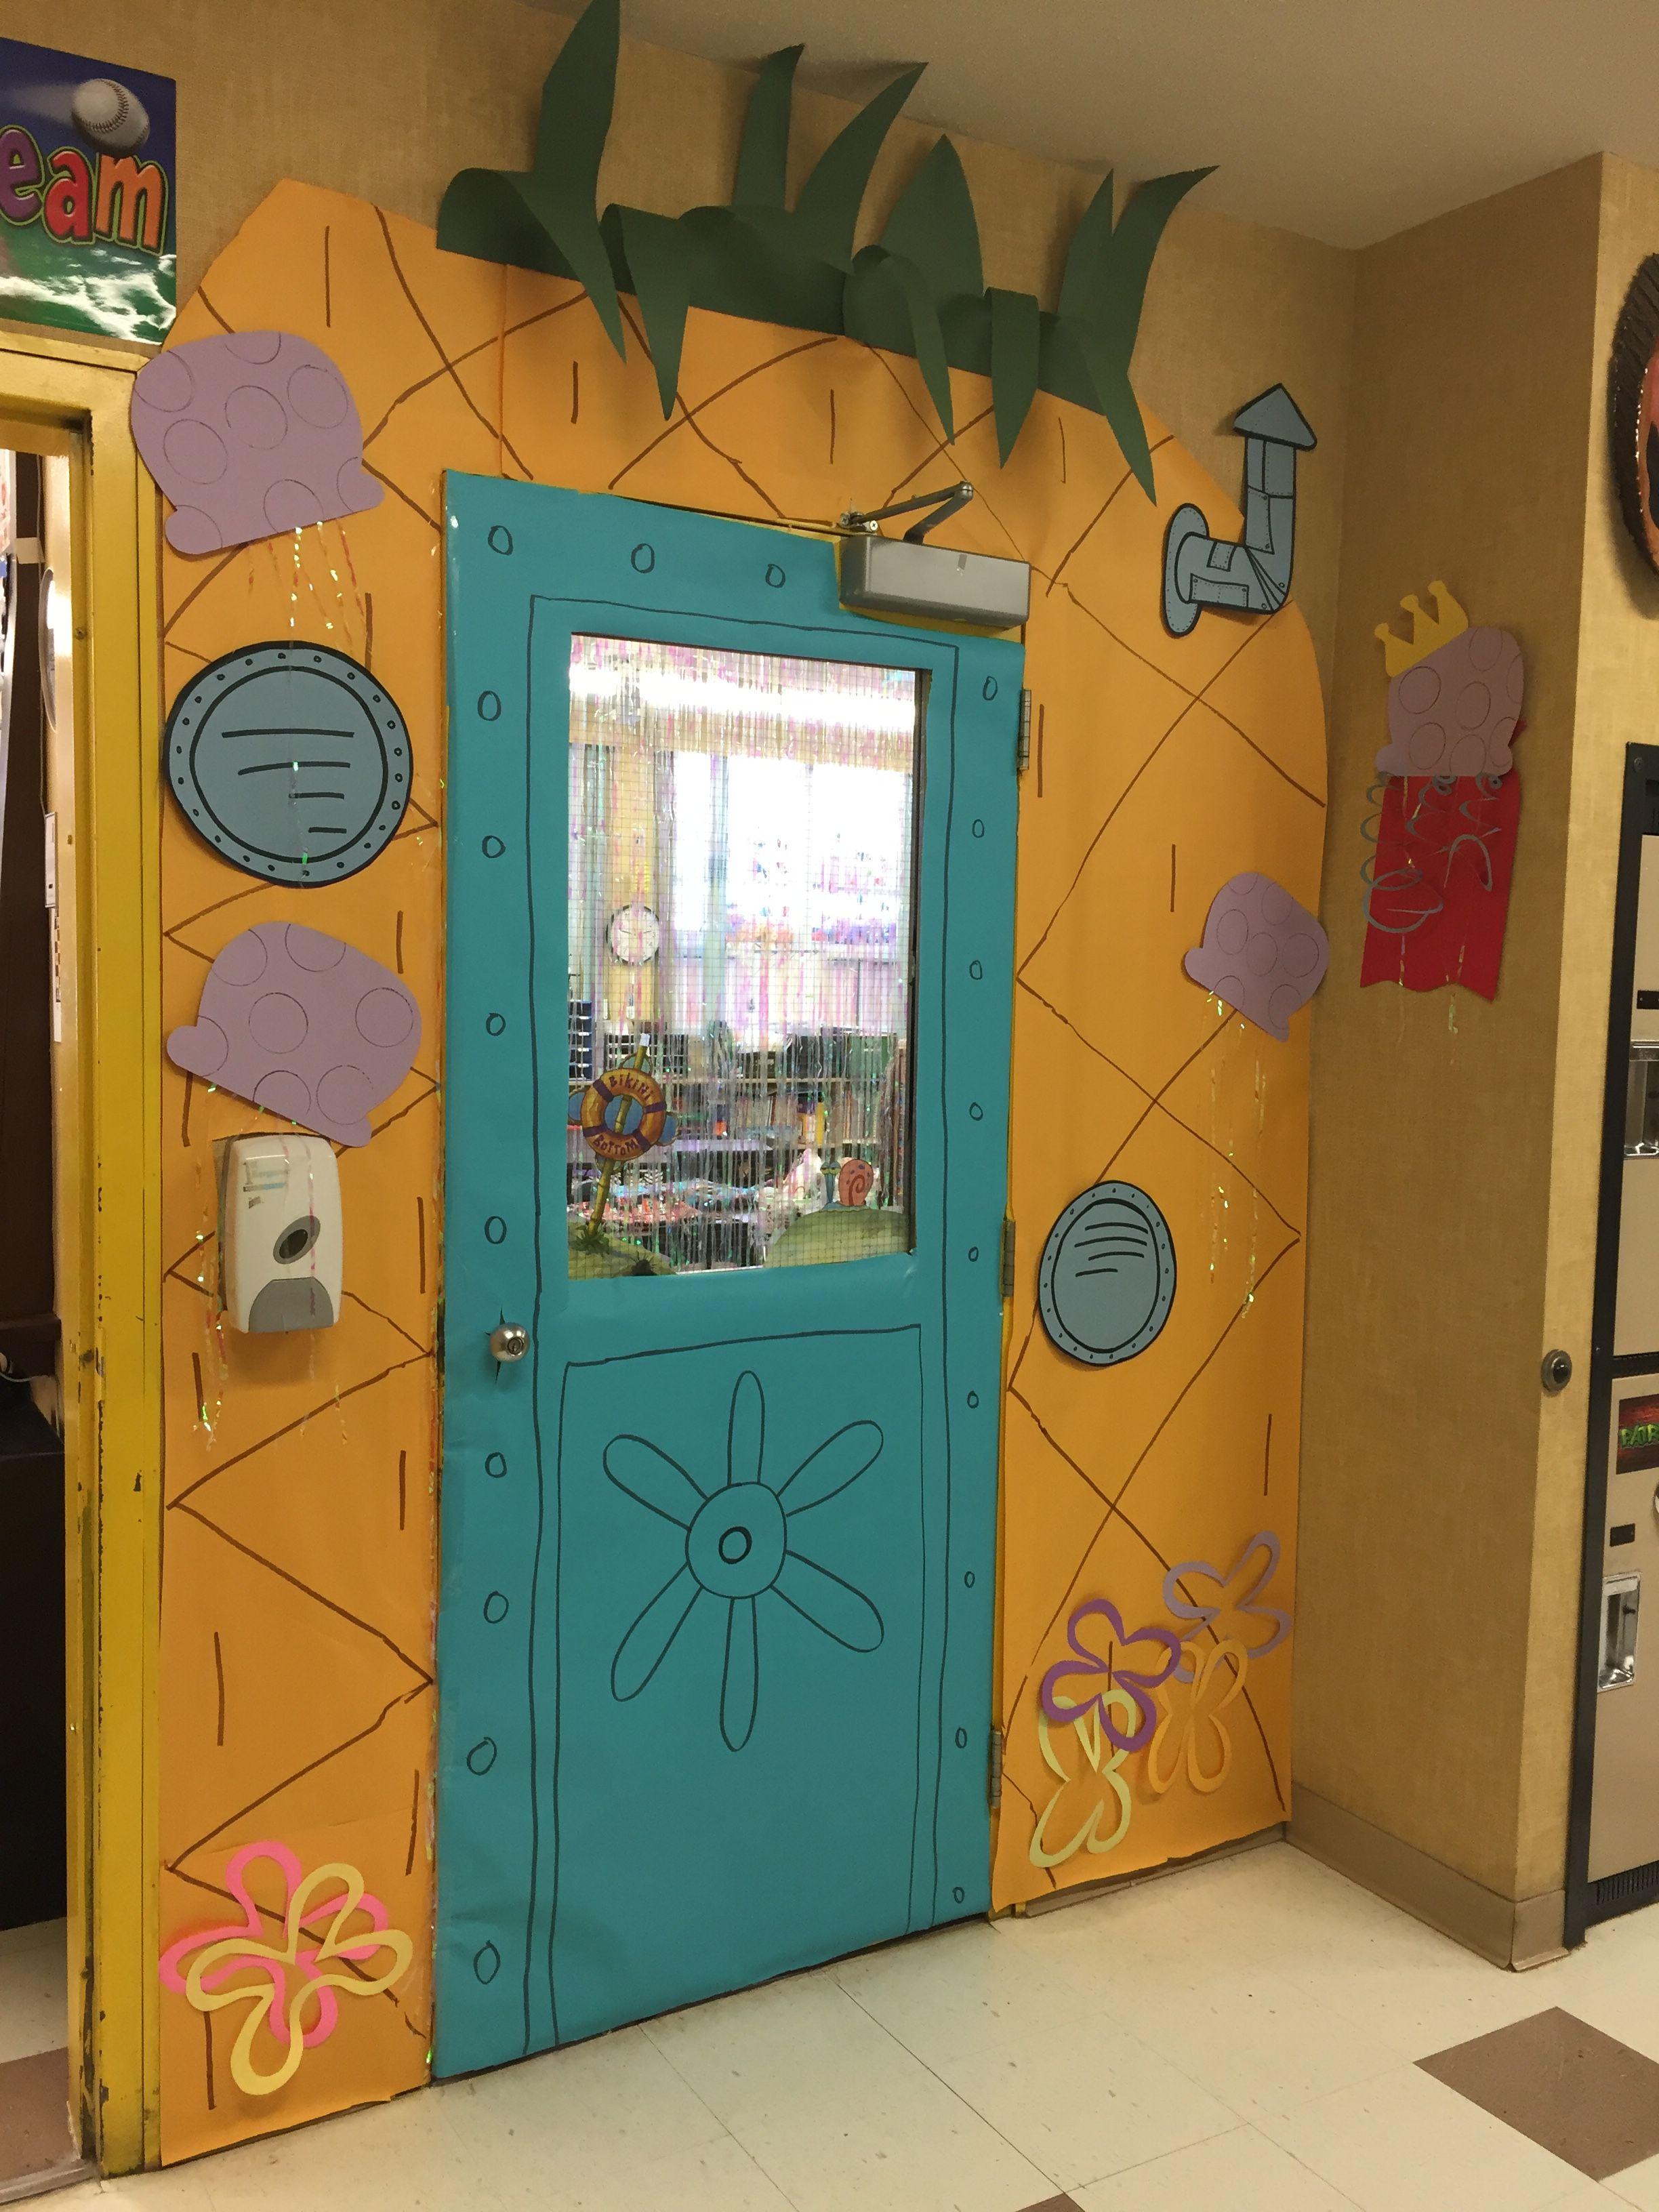 Spongebob Squarepants Pineapple Classroom Door